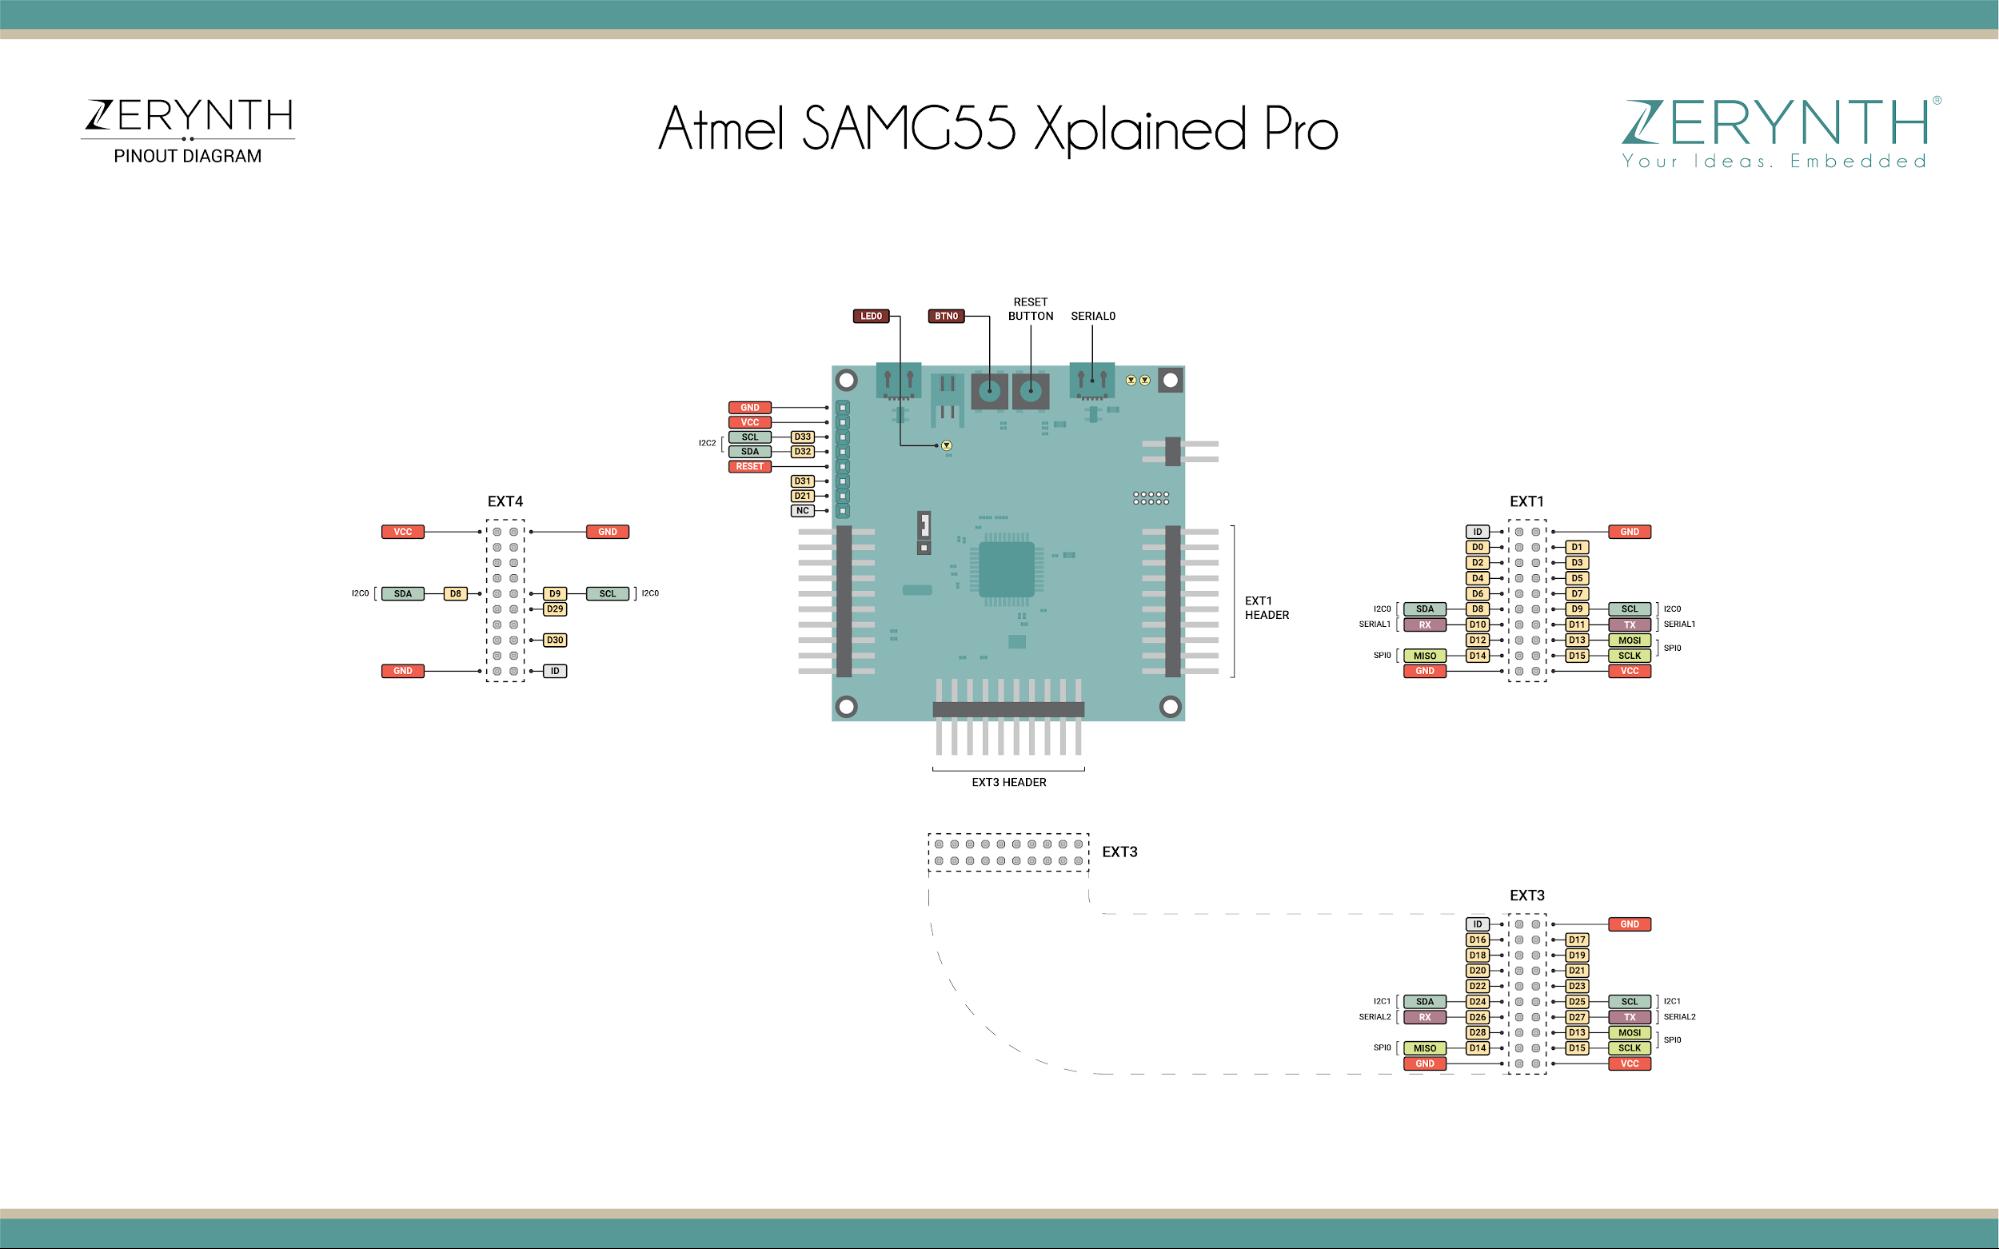 Pin mapping SAMG55